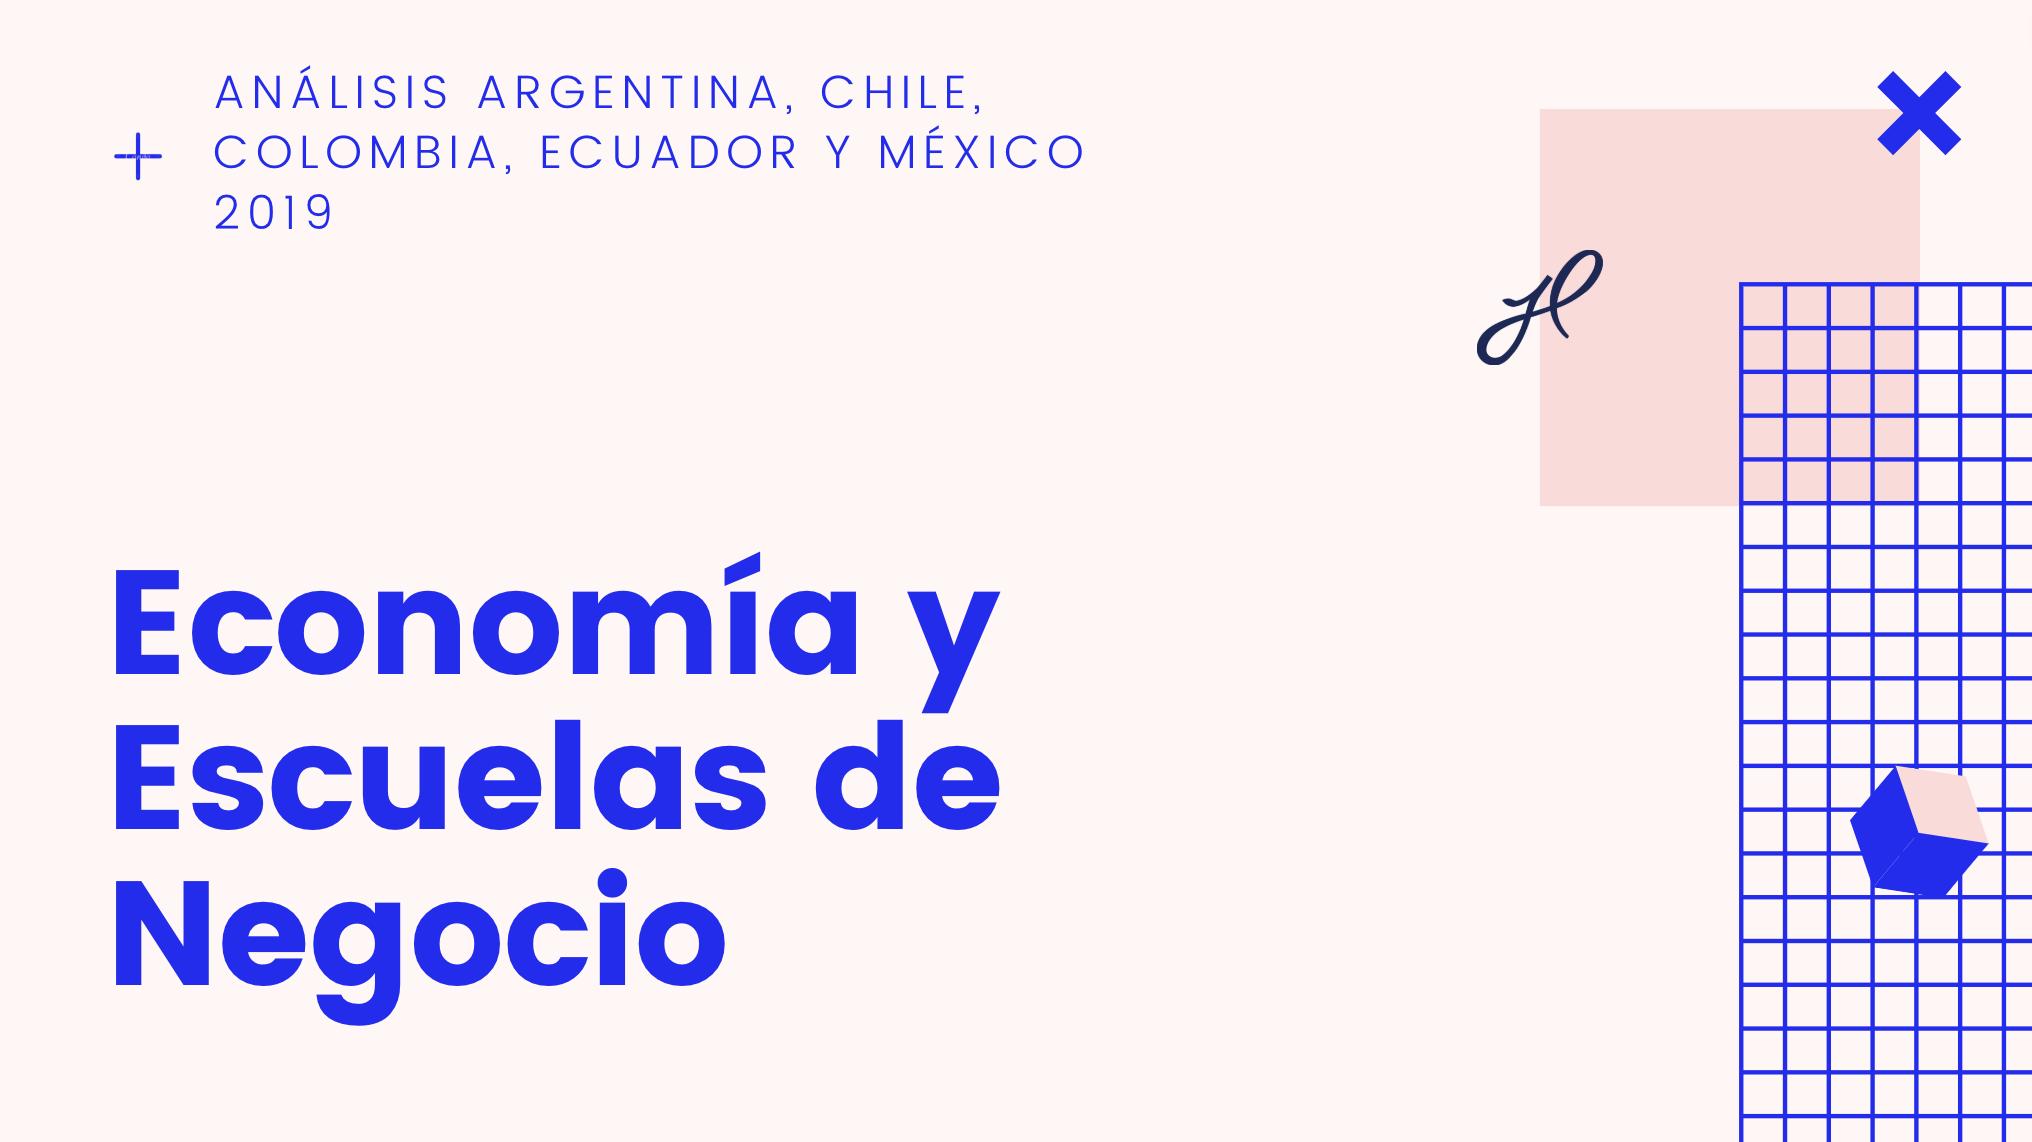 Perfil y situación económica y educativa Argentina, Chile, Colombia, Ecuador y México 2019